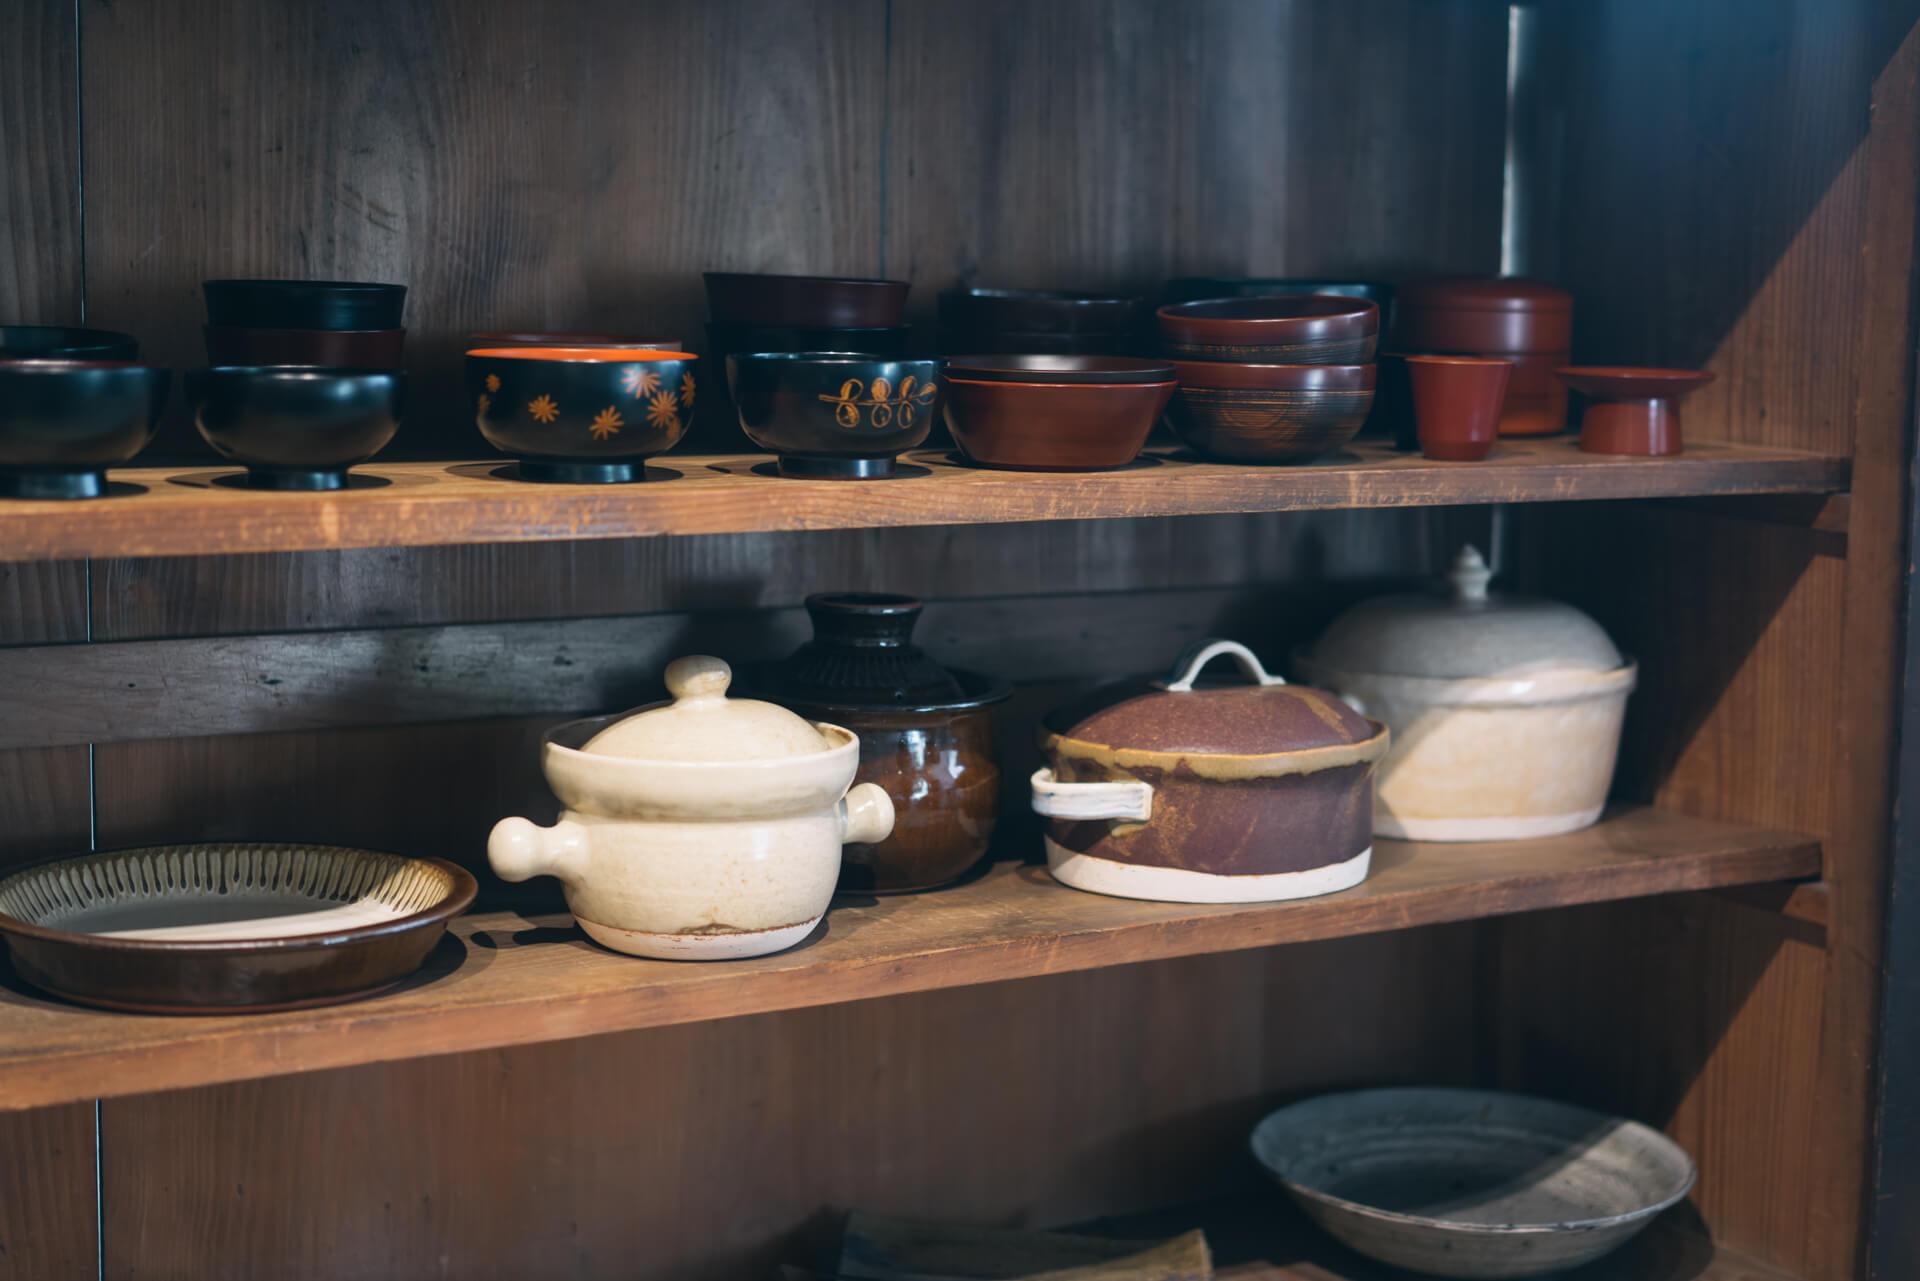 マグカップや、お椀など、用途や形ごとに並べられた器は、色やかたち、質感まで、様々なものが揃えられています。